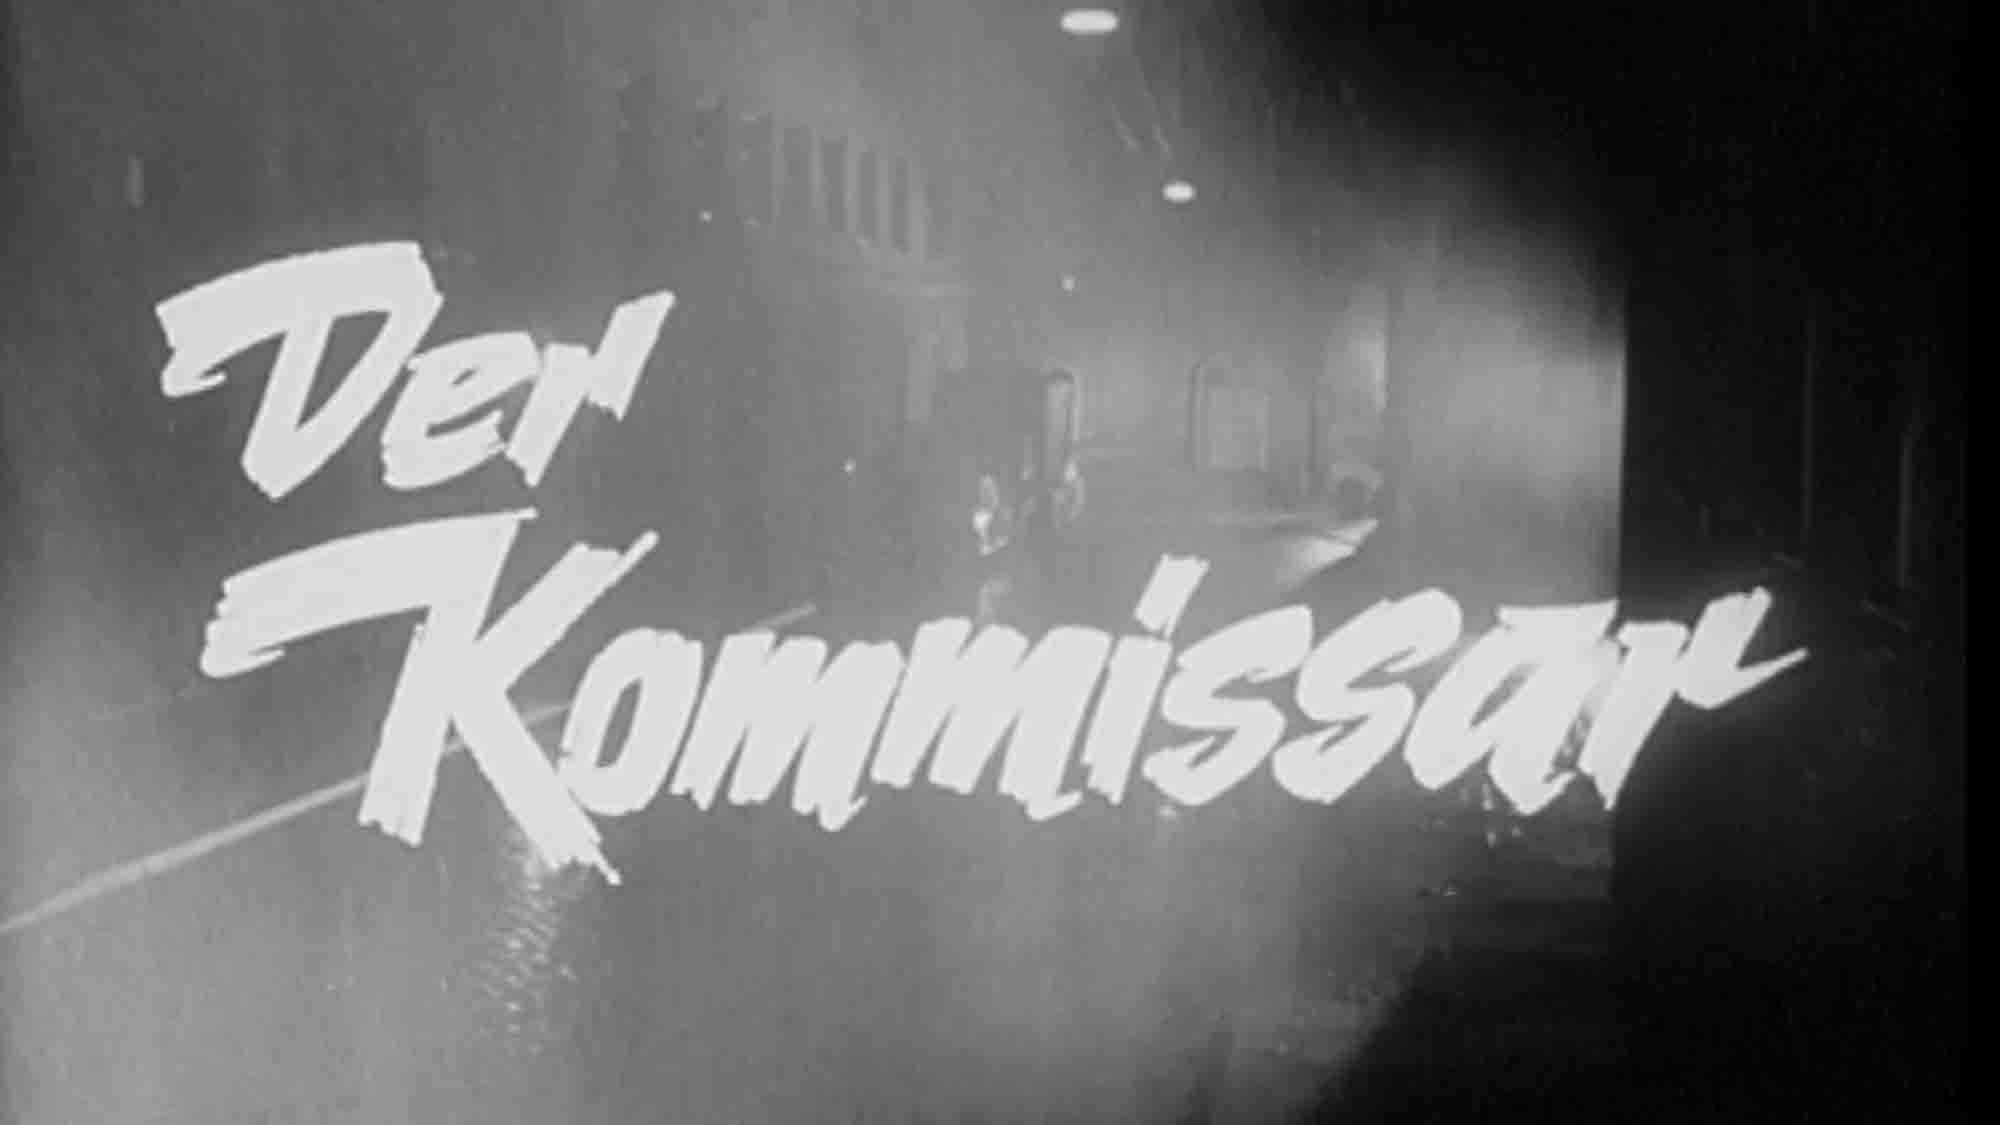 """Schriftzug """"Der Kommissar"""" vor einem schwarz-weißen Szenenbild"""